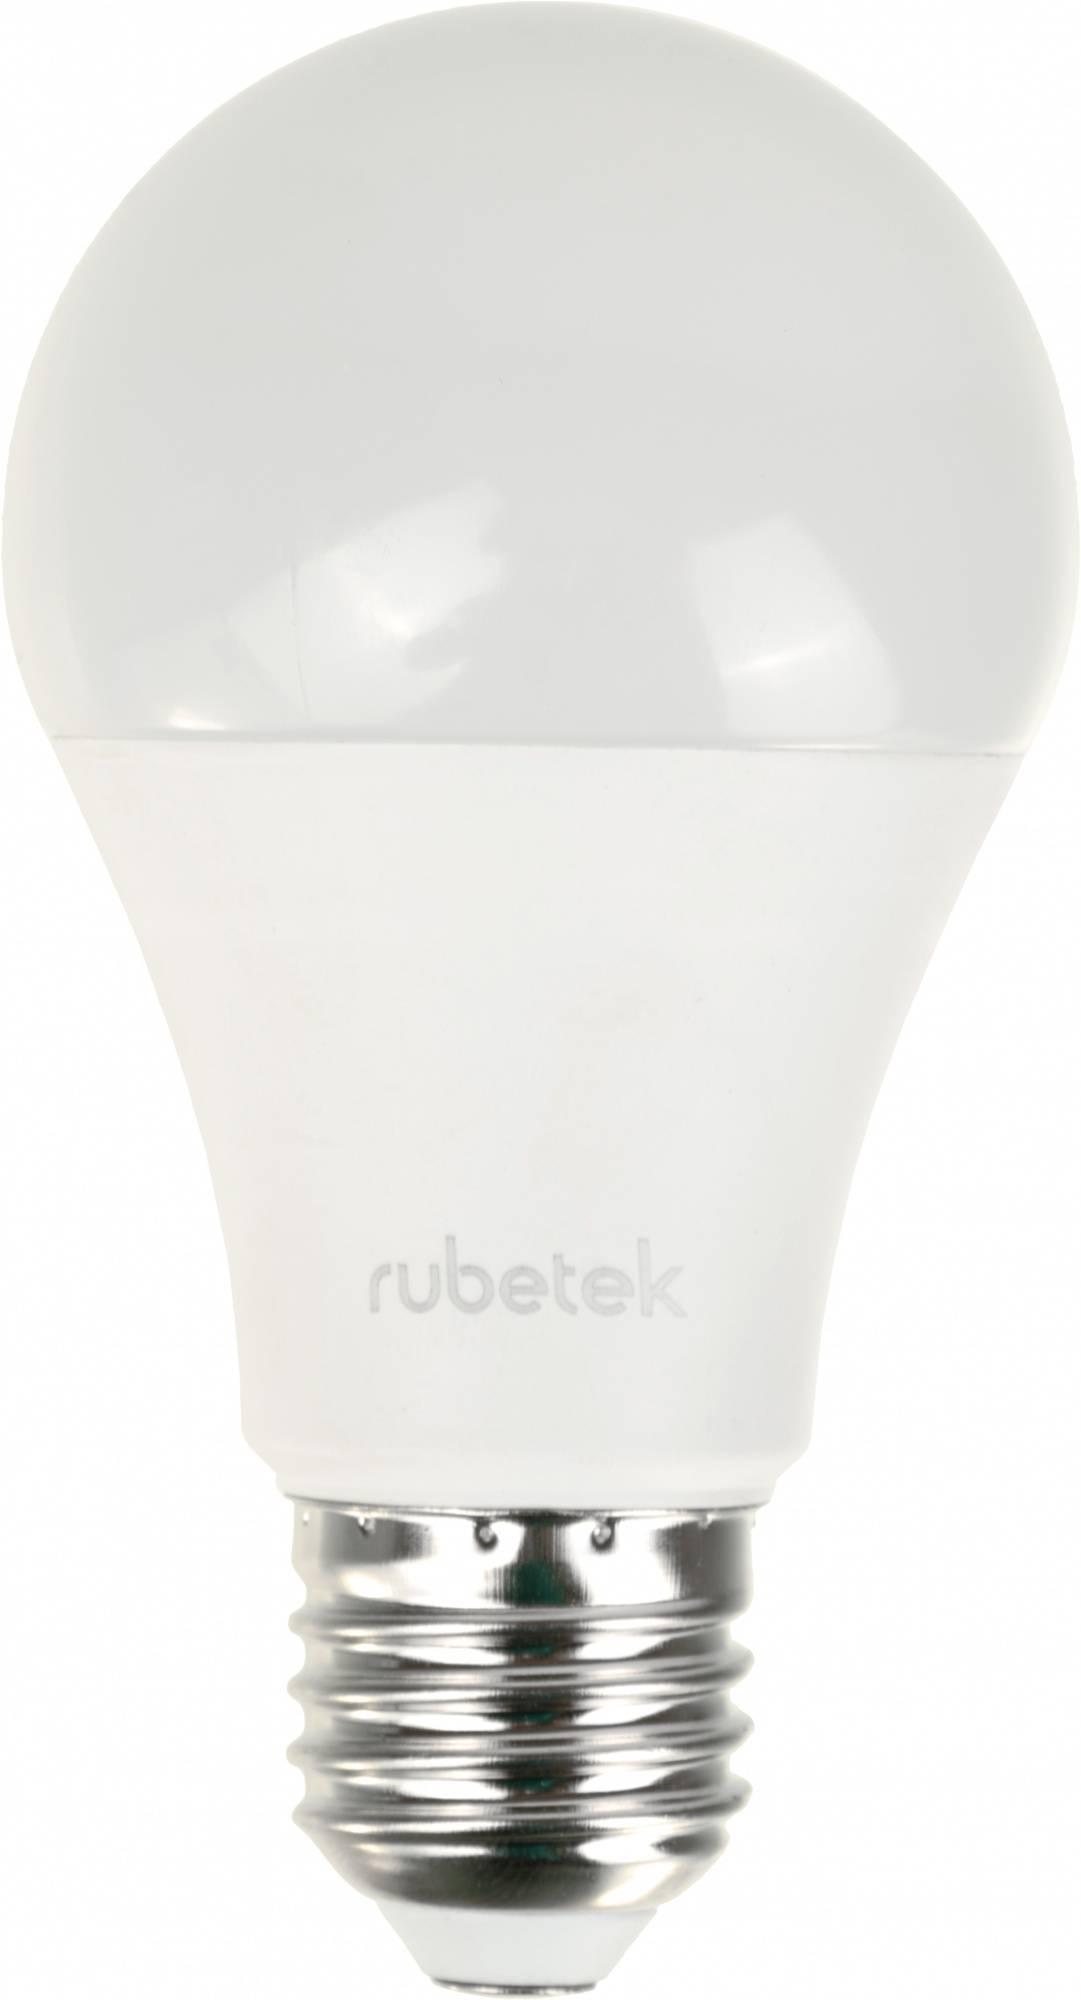 Умная лампа Rubetek RL-3101 - фото 1